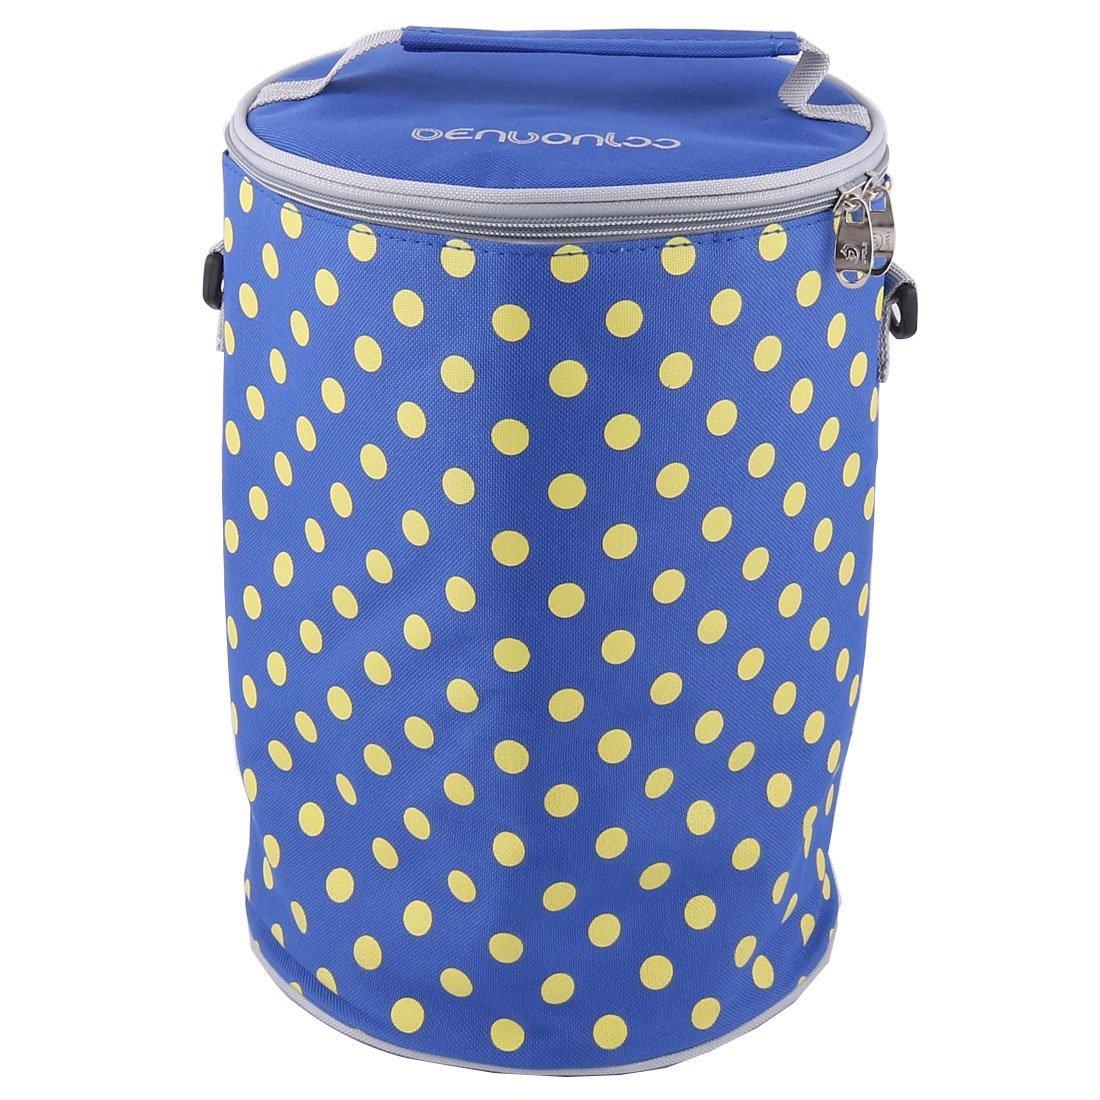 Amazon.com: eDealMax Oxford Tela exterior punto de impresión de cierre de cremallera almuerzo calientaplatos del refrigerador del hielo titular bolsa azul ...